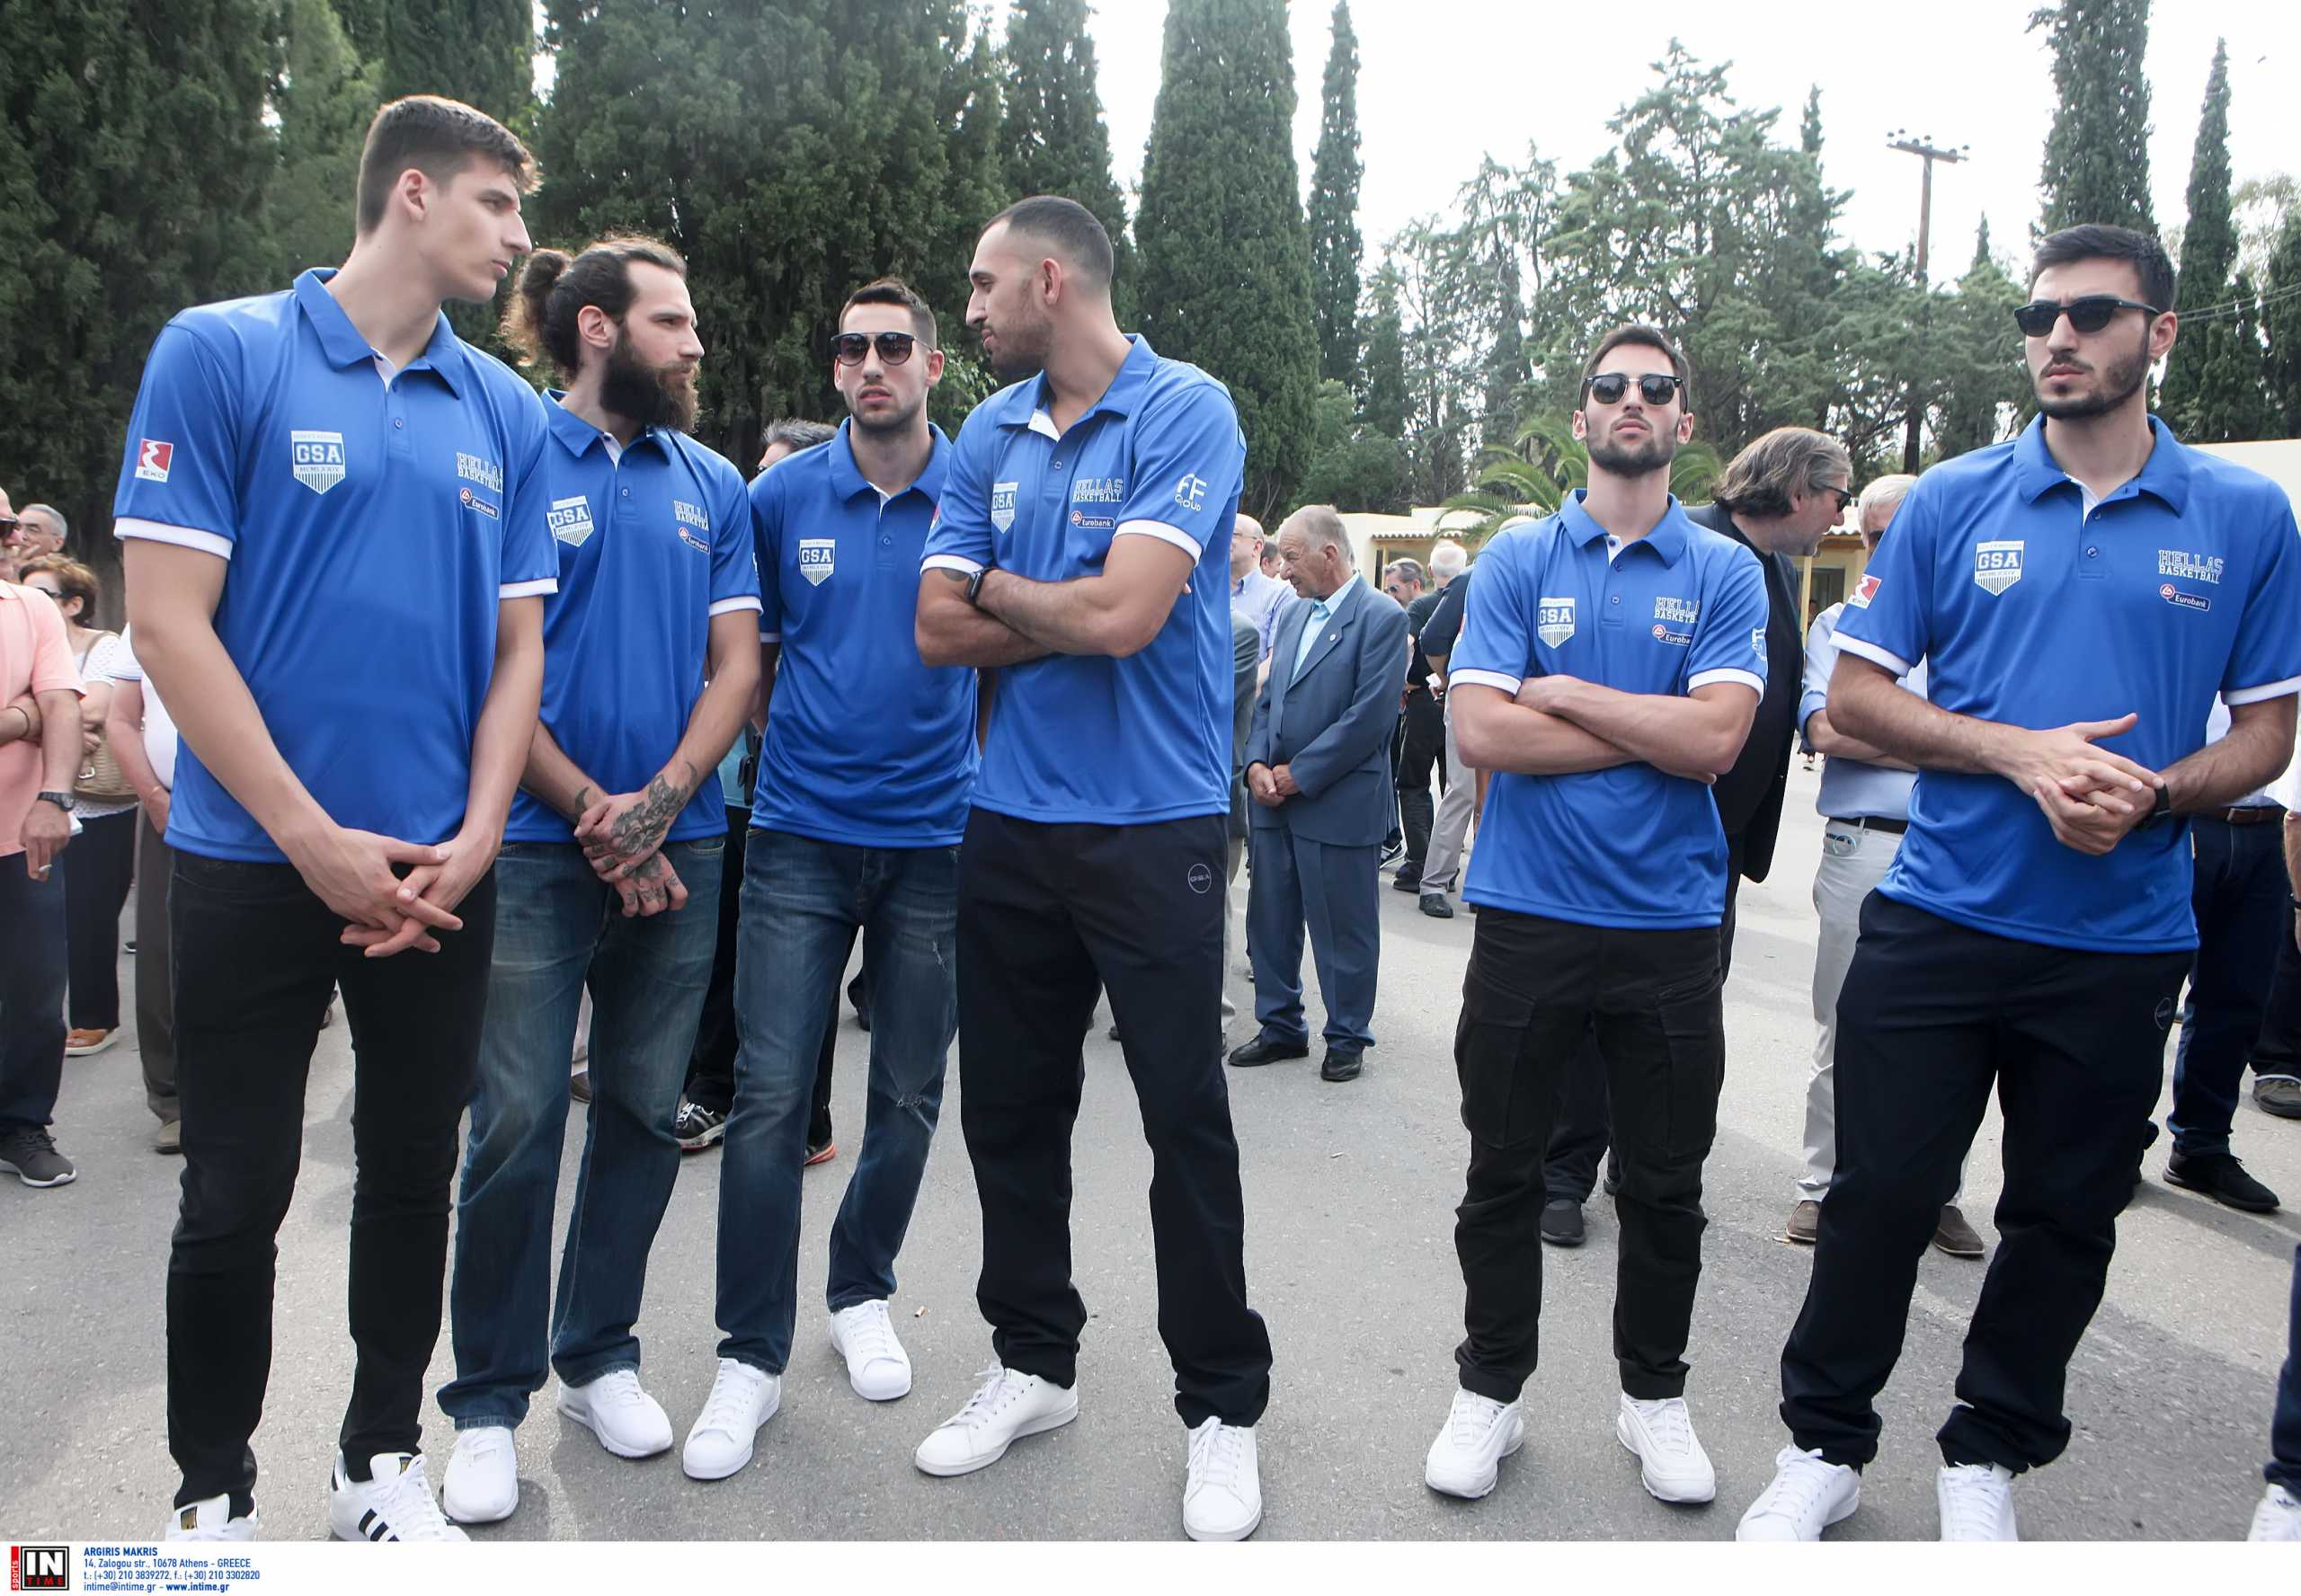 Εθνική Ελλάδας: «Έγινε παρανόηση με τους παίκτες της ΑΕΚ» σύμφωνα με νέα ανακοίνωση της ΕΟΚ